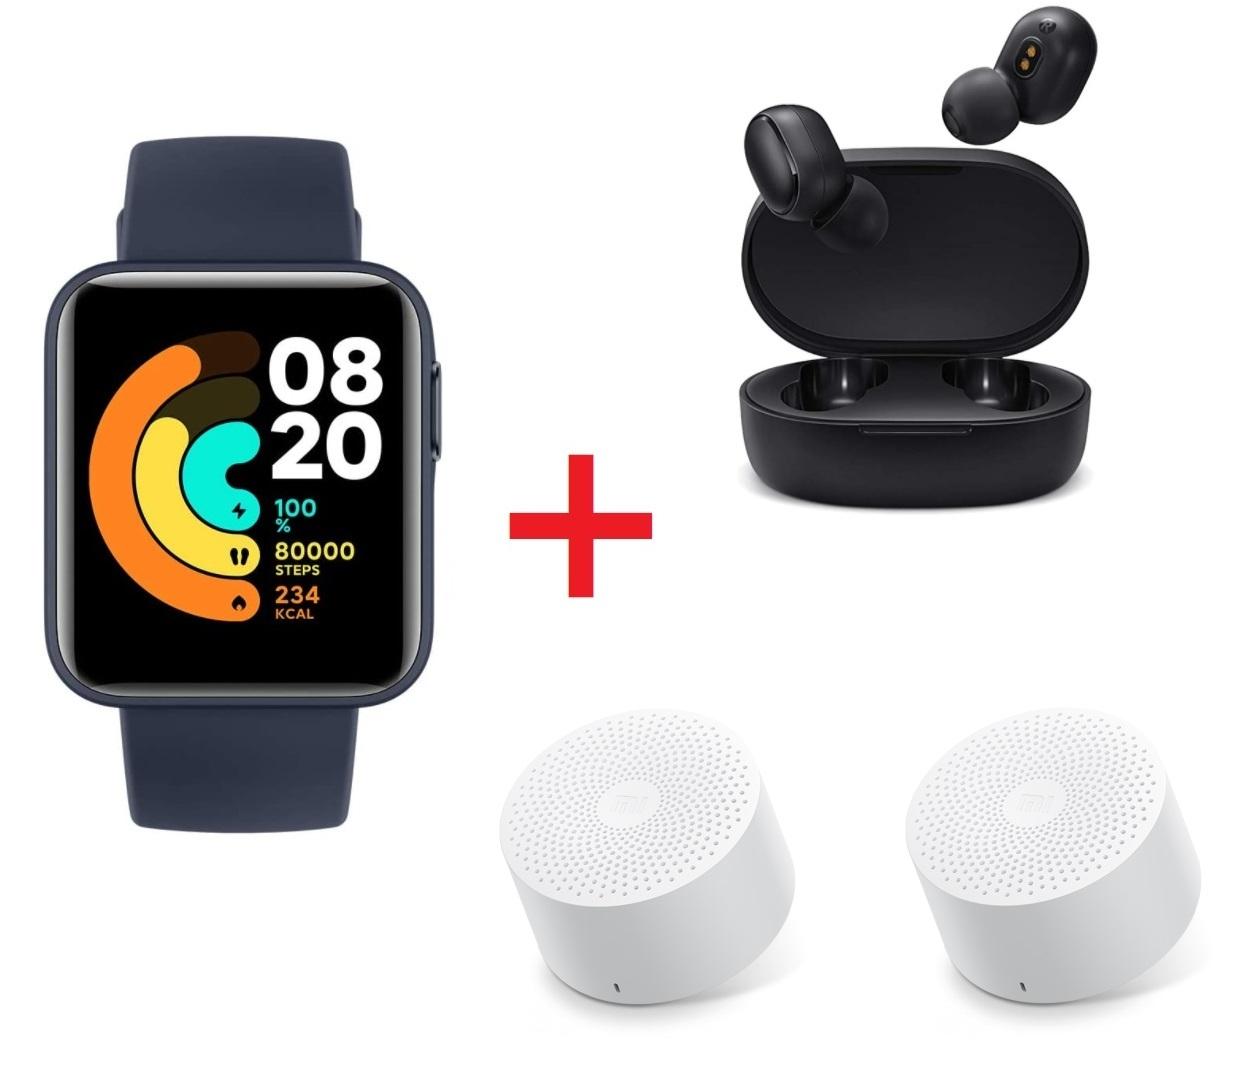 Mi Watch lite + Earbuds basic 2 + 2 x Bluetooth speaker